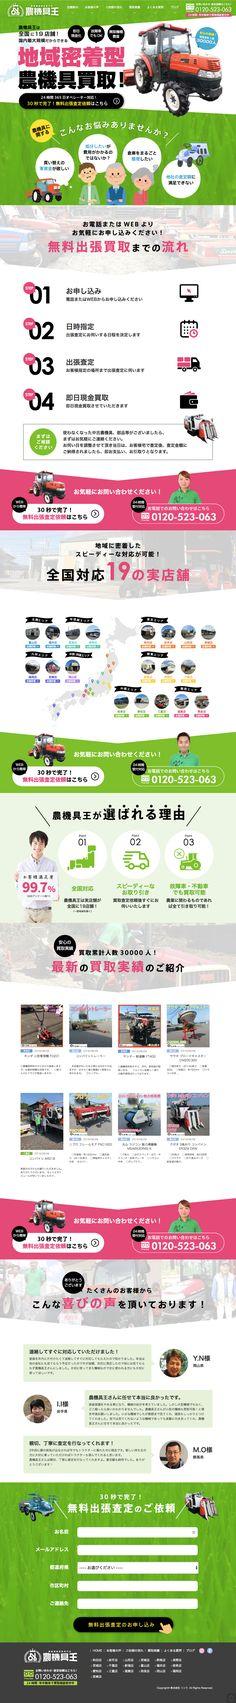 日本国内の中古農機具買取強化のためにGoogle、Yahoo広告に利用するLP(ランディングページ)を制作いたしました。 中古農機具の需要は年々増え続けこの2〜3年競合他社も増える中マーケティング戦略は非常に重要な課題となっております。そこでSEOも意識した各店舗の「買取実績」「各店ブログ」などをCMSとして作り日々更新した内容がTOPページ+各店舗ページに反映されるようにDB構築をしております。 また農業をしている年齢層を考えテキストもあまり細かい文字を入れずに電話をかけやすいUIとなっております。  農機具王は全国19店舗!国内最大級だからできる地域密着型農機具買取専門店「即日現金化」「故障車でもOK」「買取機種豊富」 トラクター、コンバイン、田植機はもちろんそれ以外の農機具+他のモノも訪問して引き取ります。